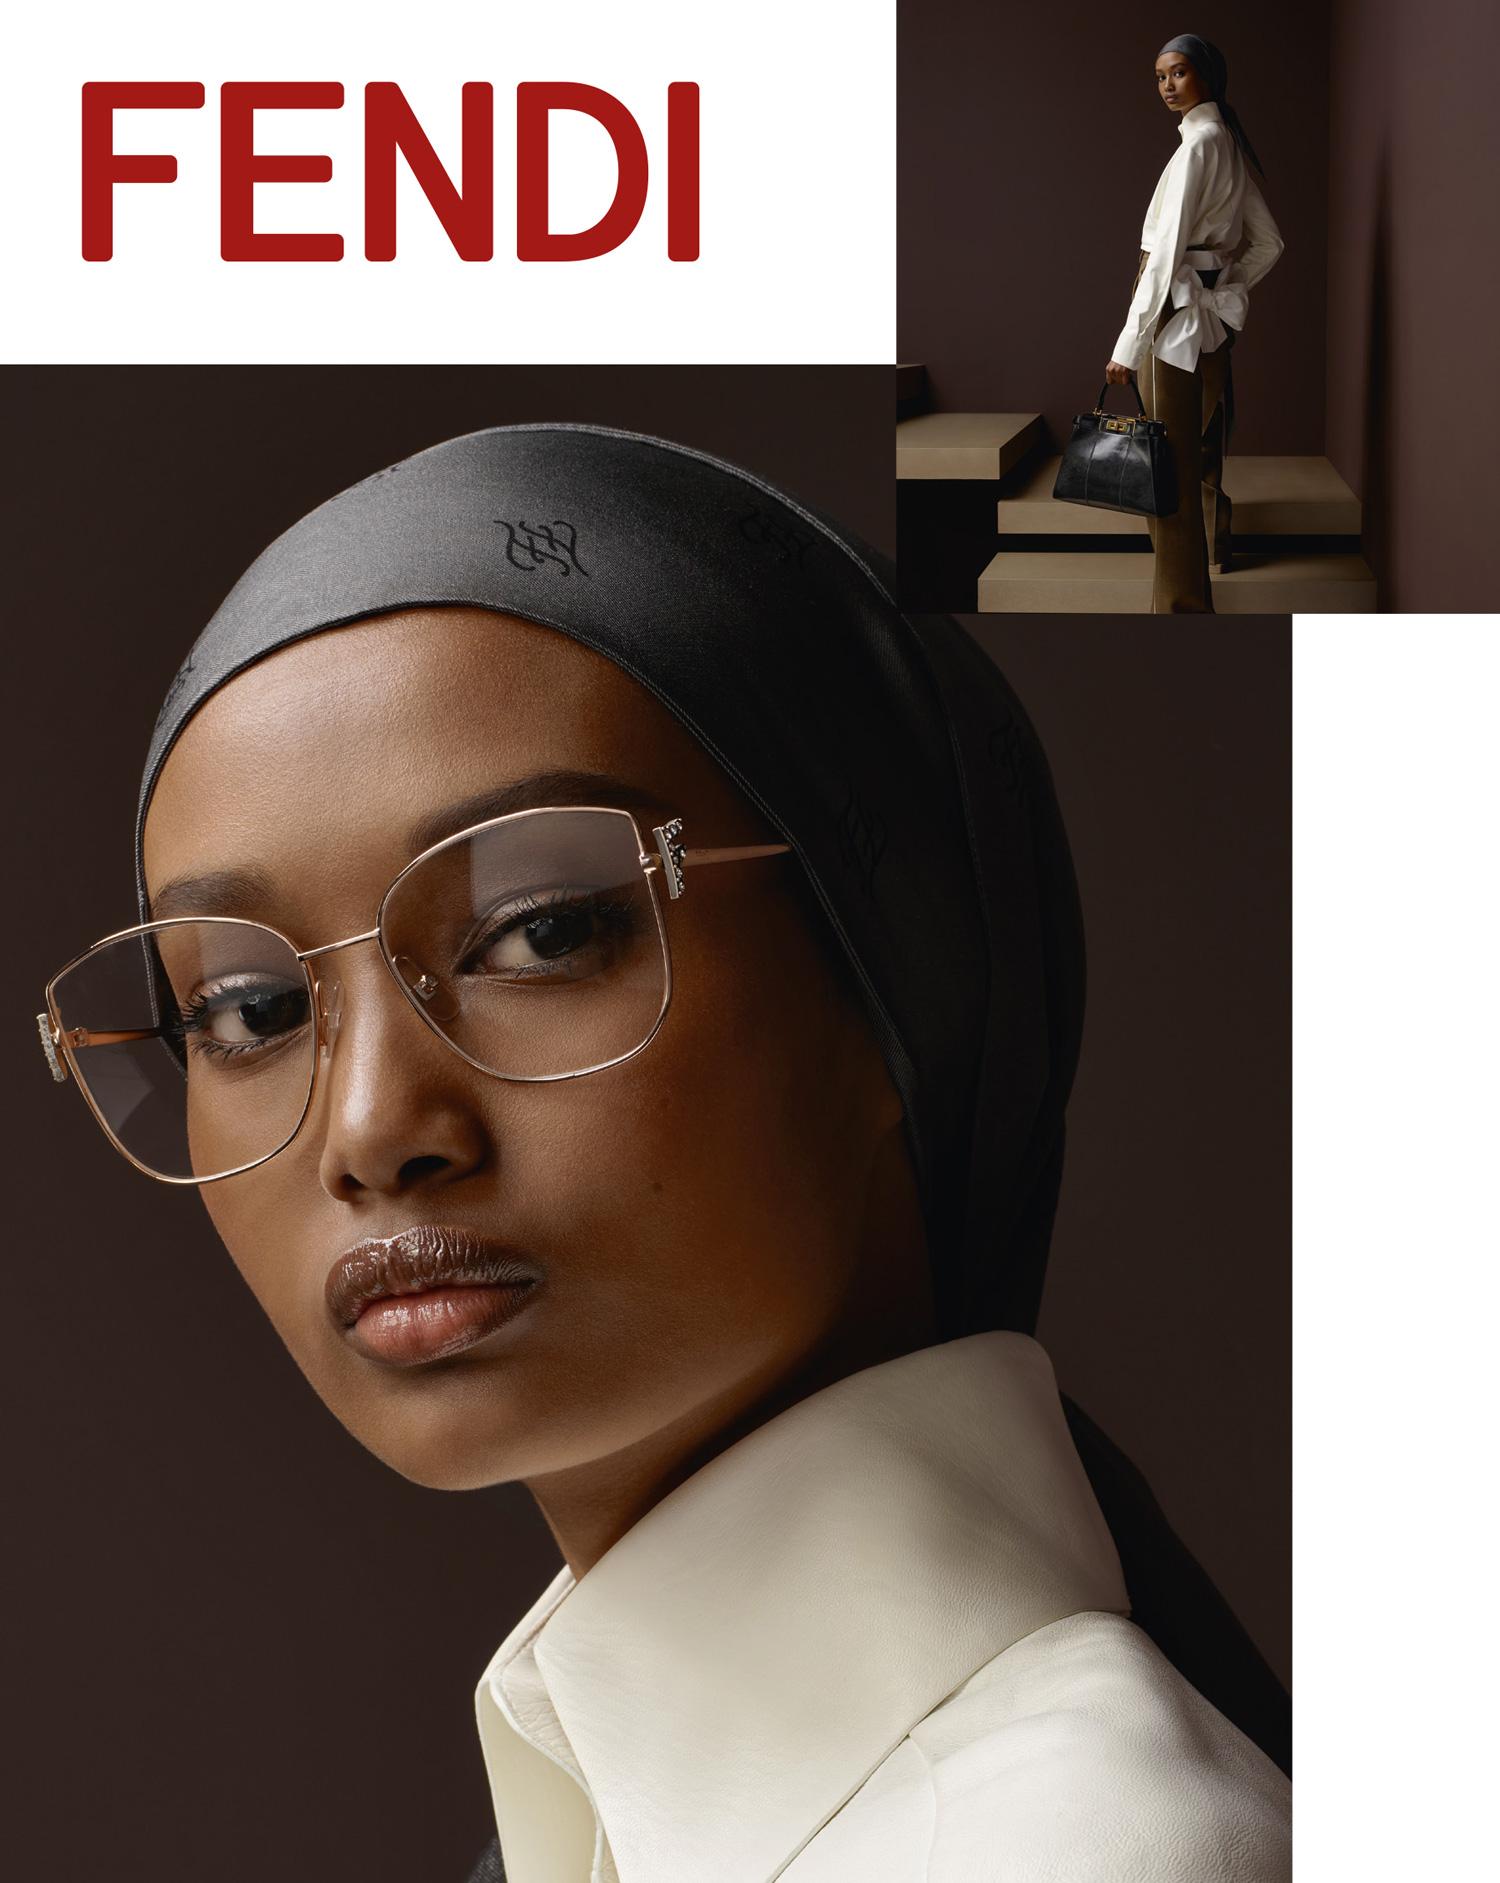 Centri-ottici-BELOTTI-ottica-udito-occhiali-da-sole-e-da-vista-esclusiva-canton-ticino-Fendi-FF-0390G_WEB_8820-LOGO@430x540